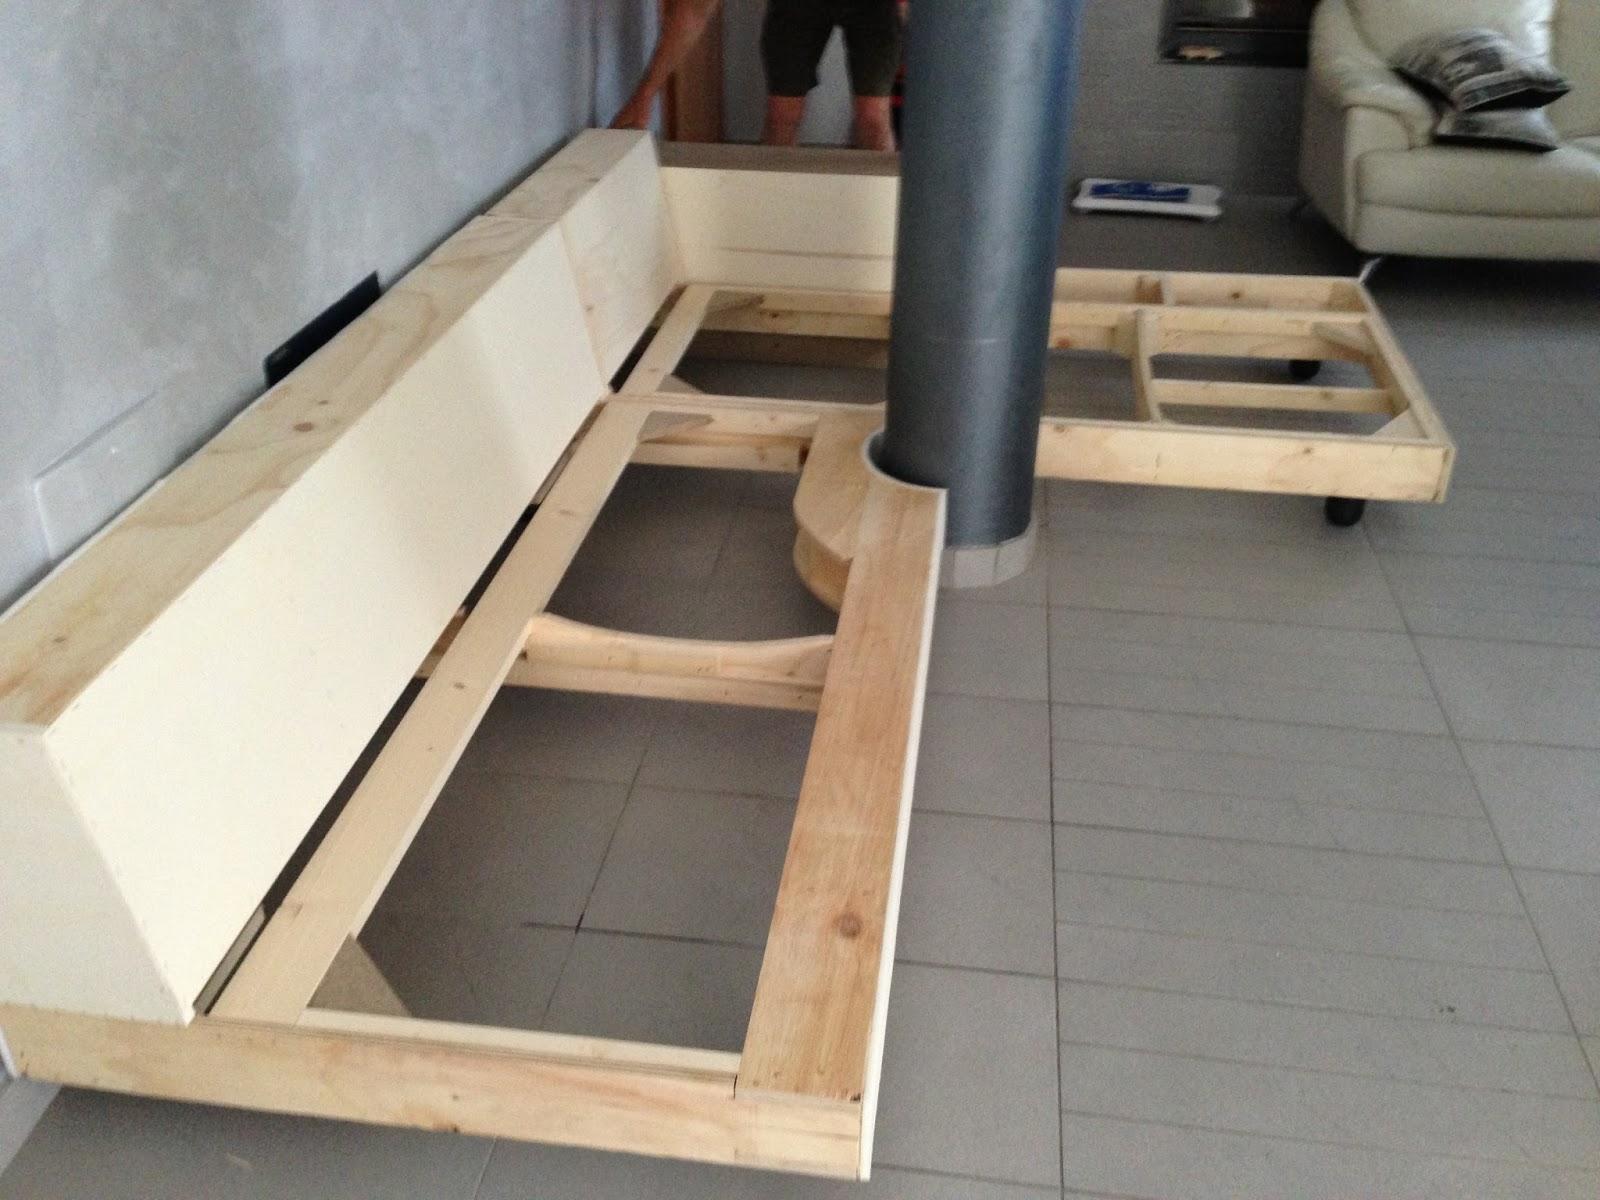 Divani blog - Tino Mariani: Realizzazione divano su ...